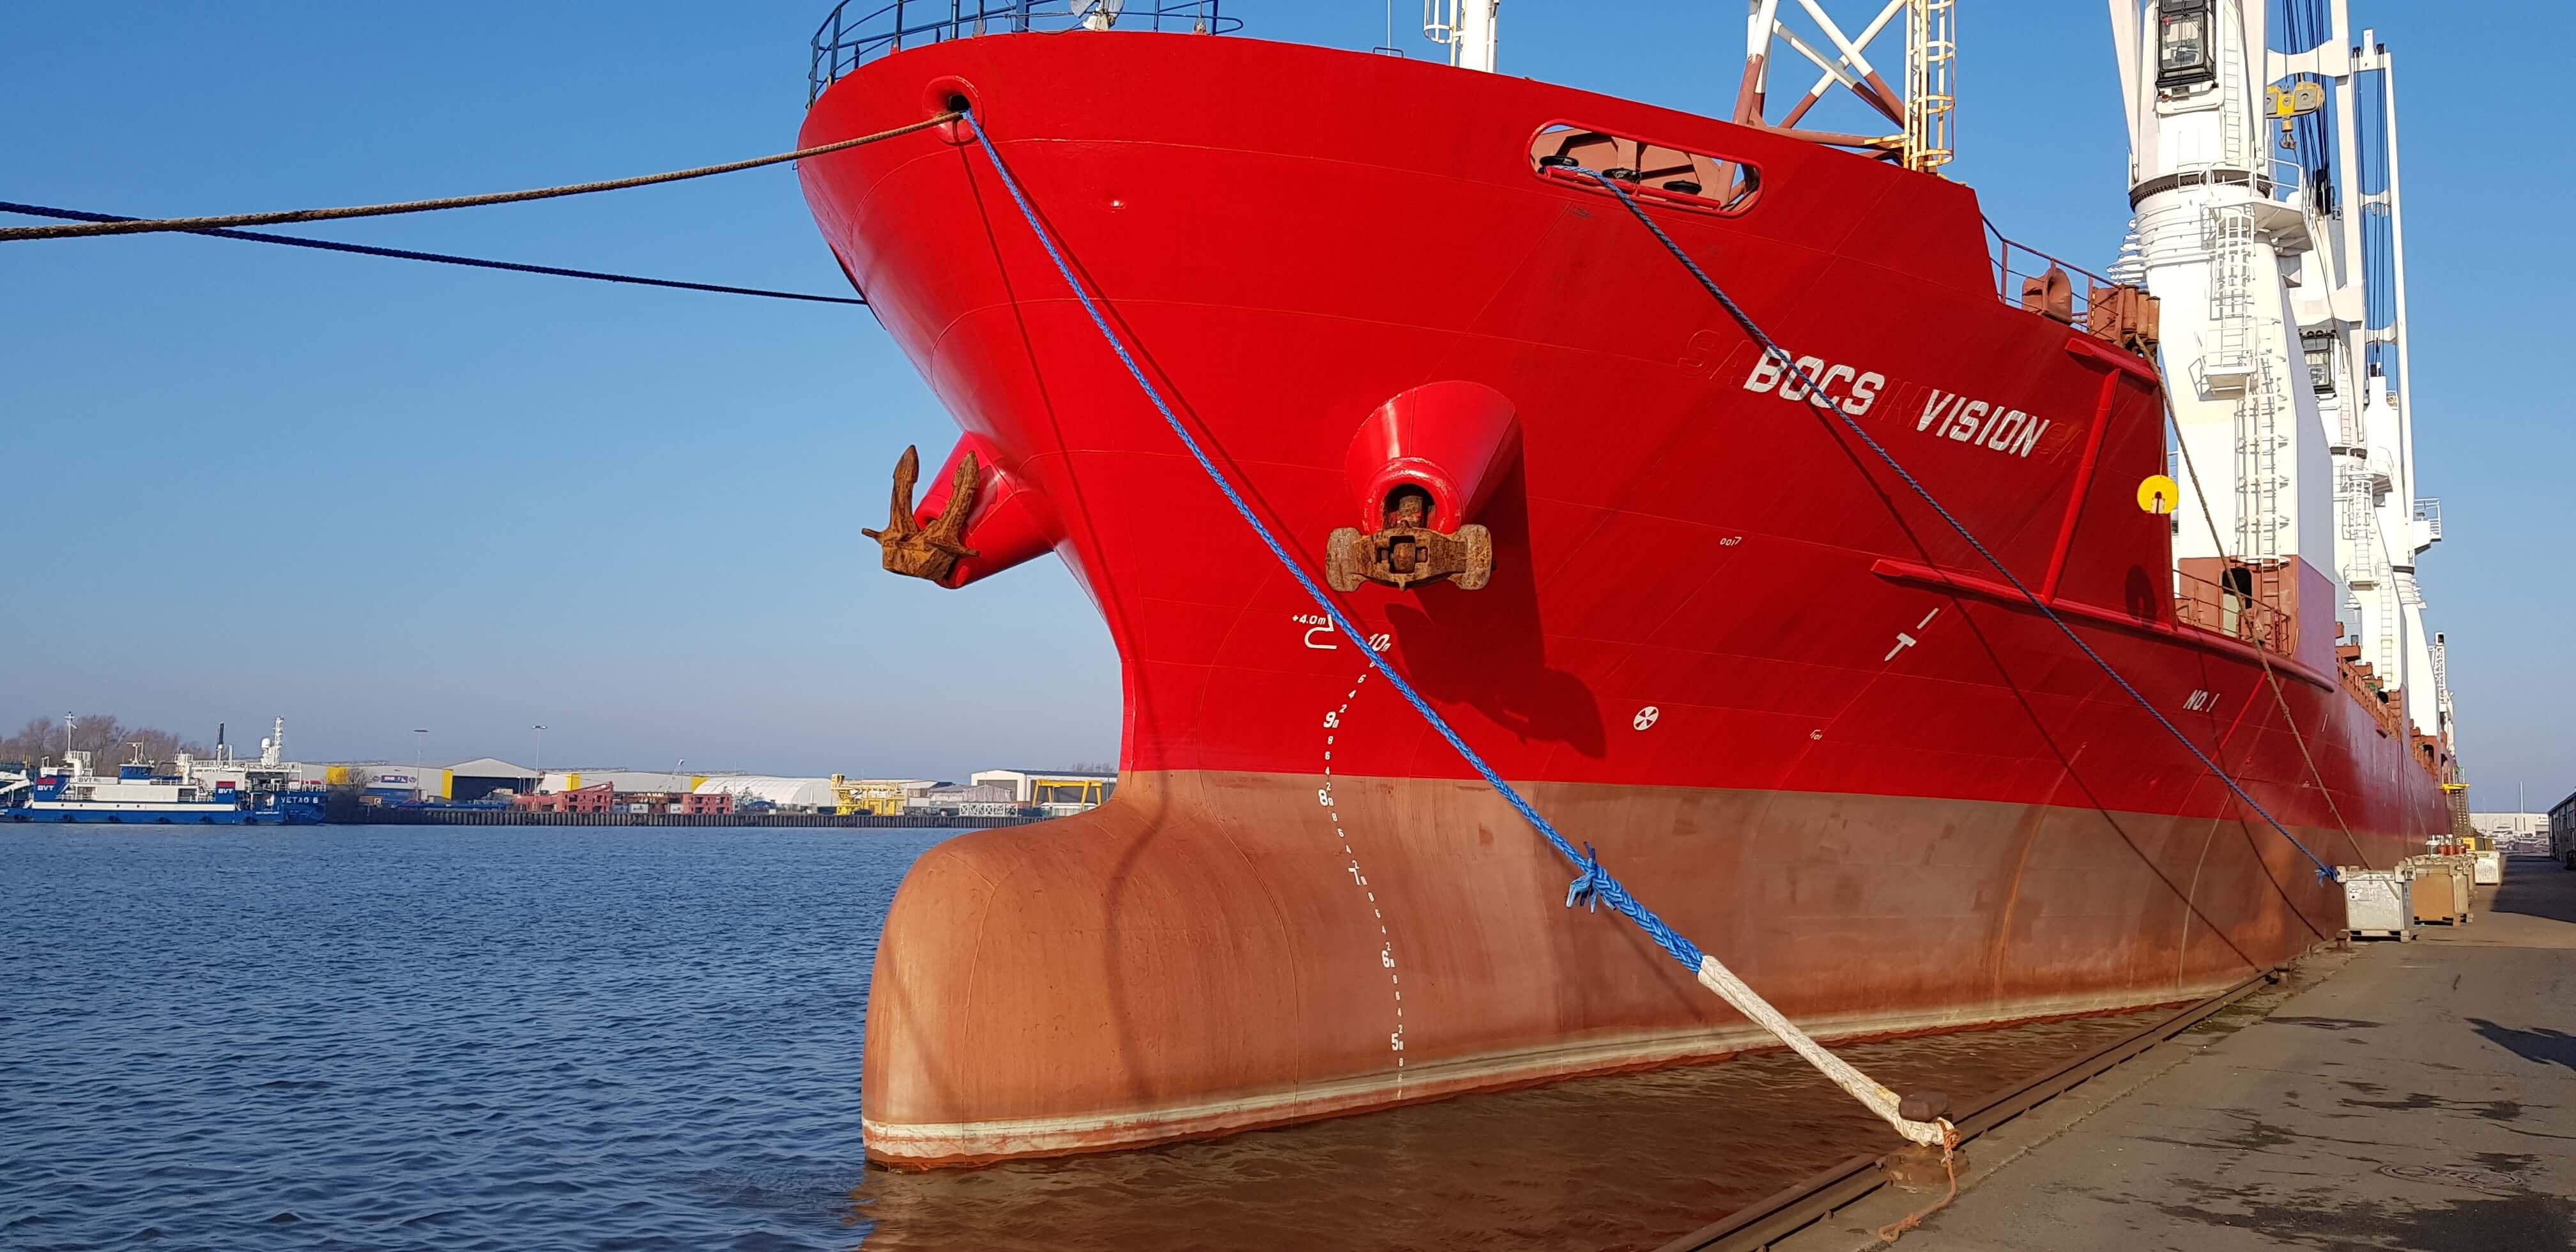 BOCS Fleet